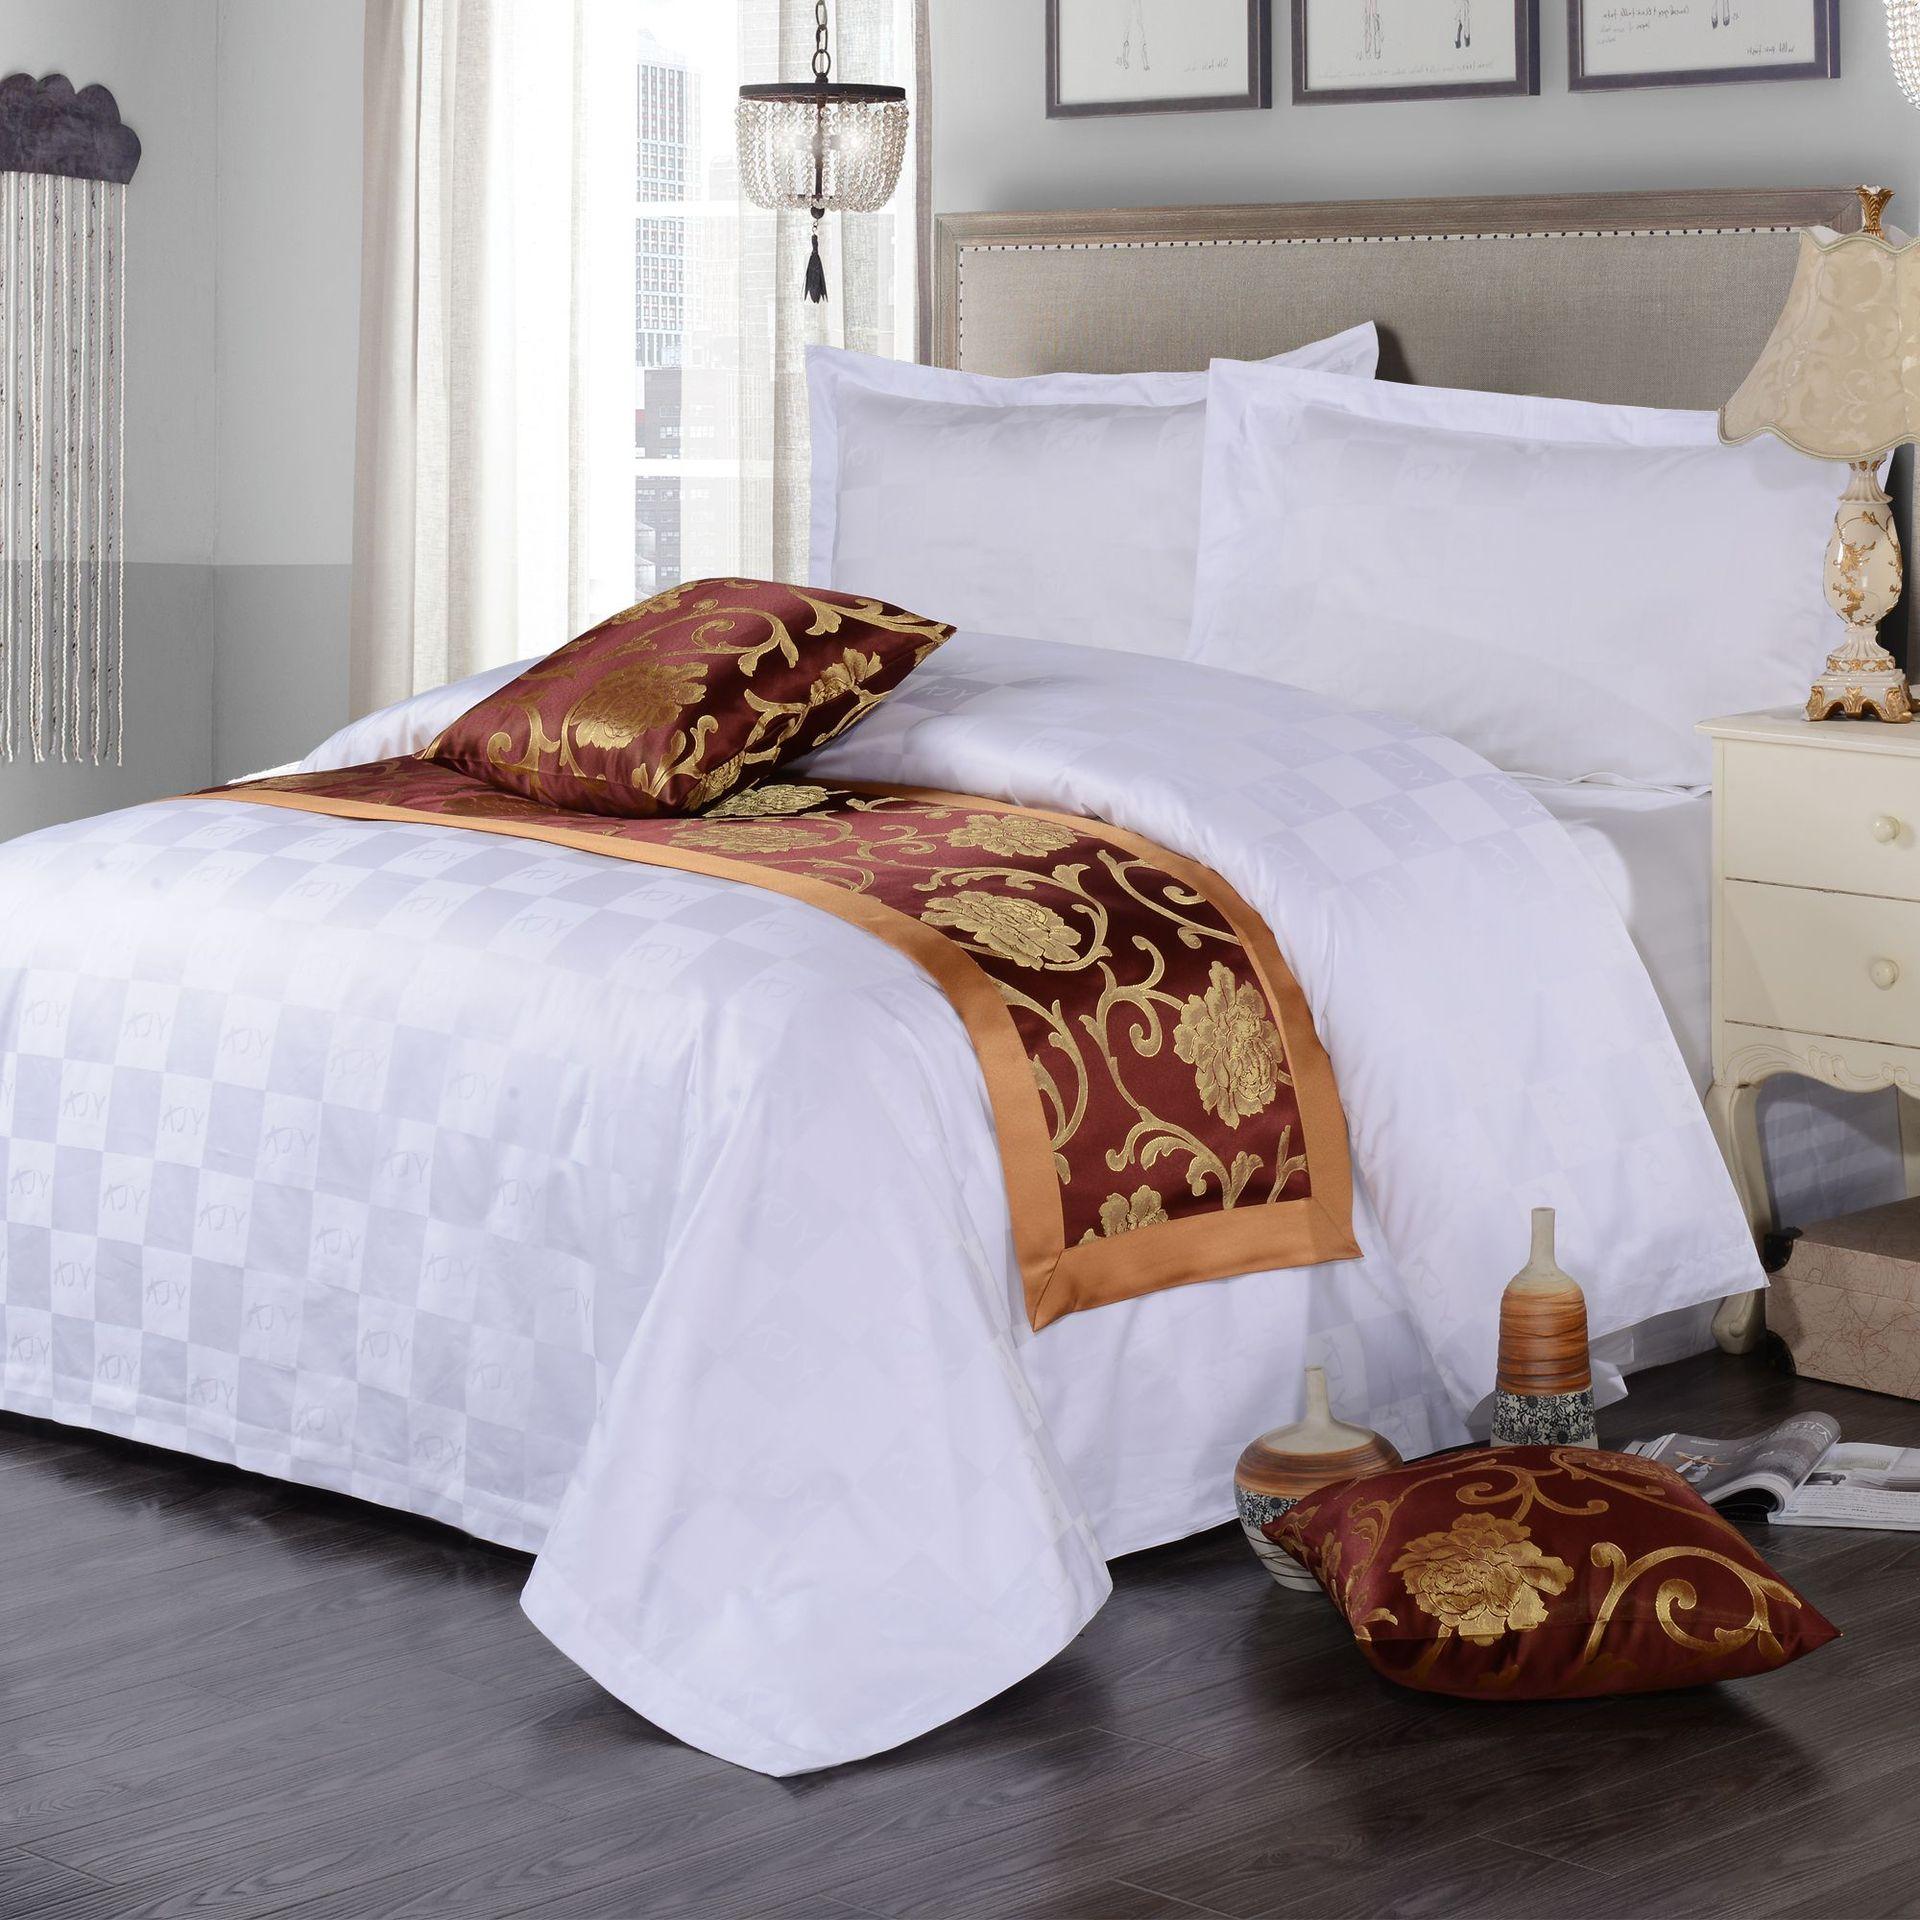 君芝友酒店用品賓館酒店床上用品四件套全棉純白色貢緞4件套床單被套床品JZY-0005